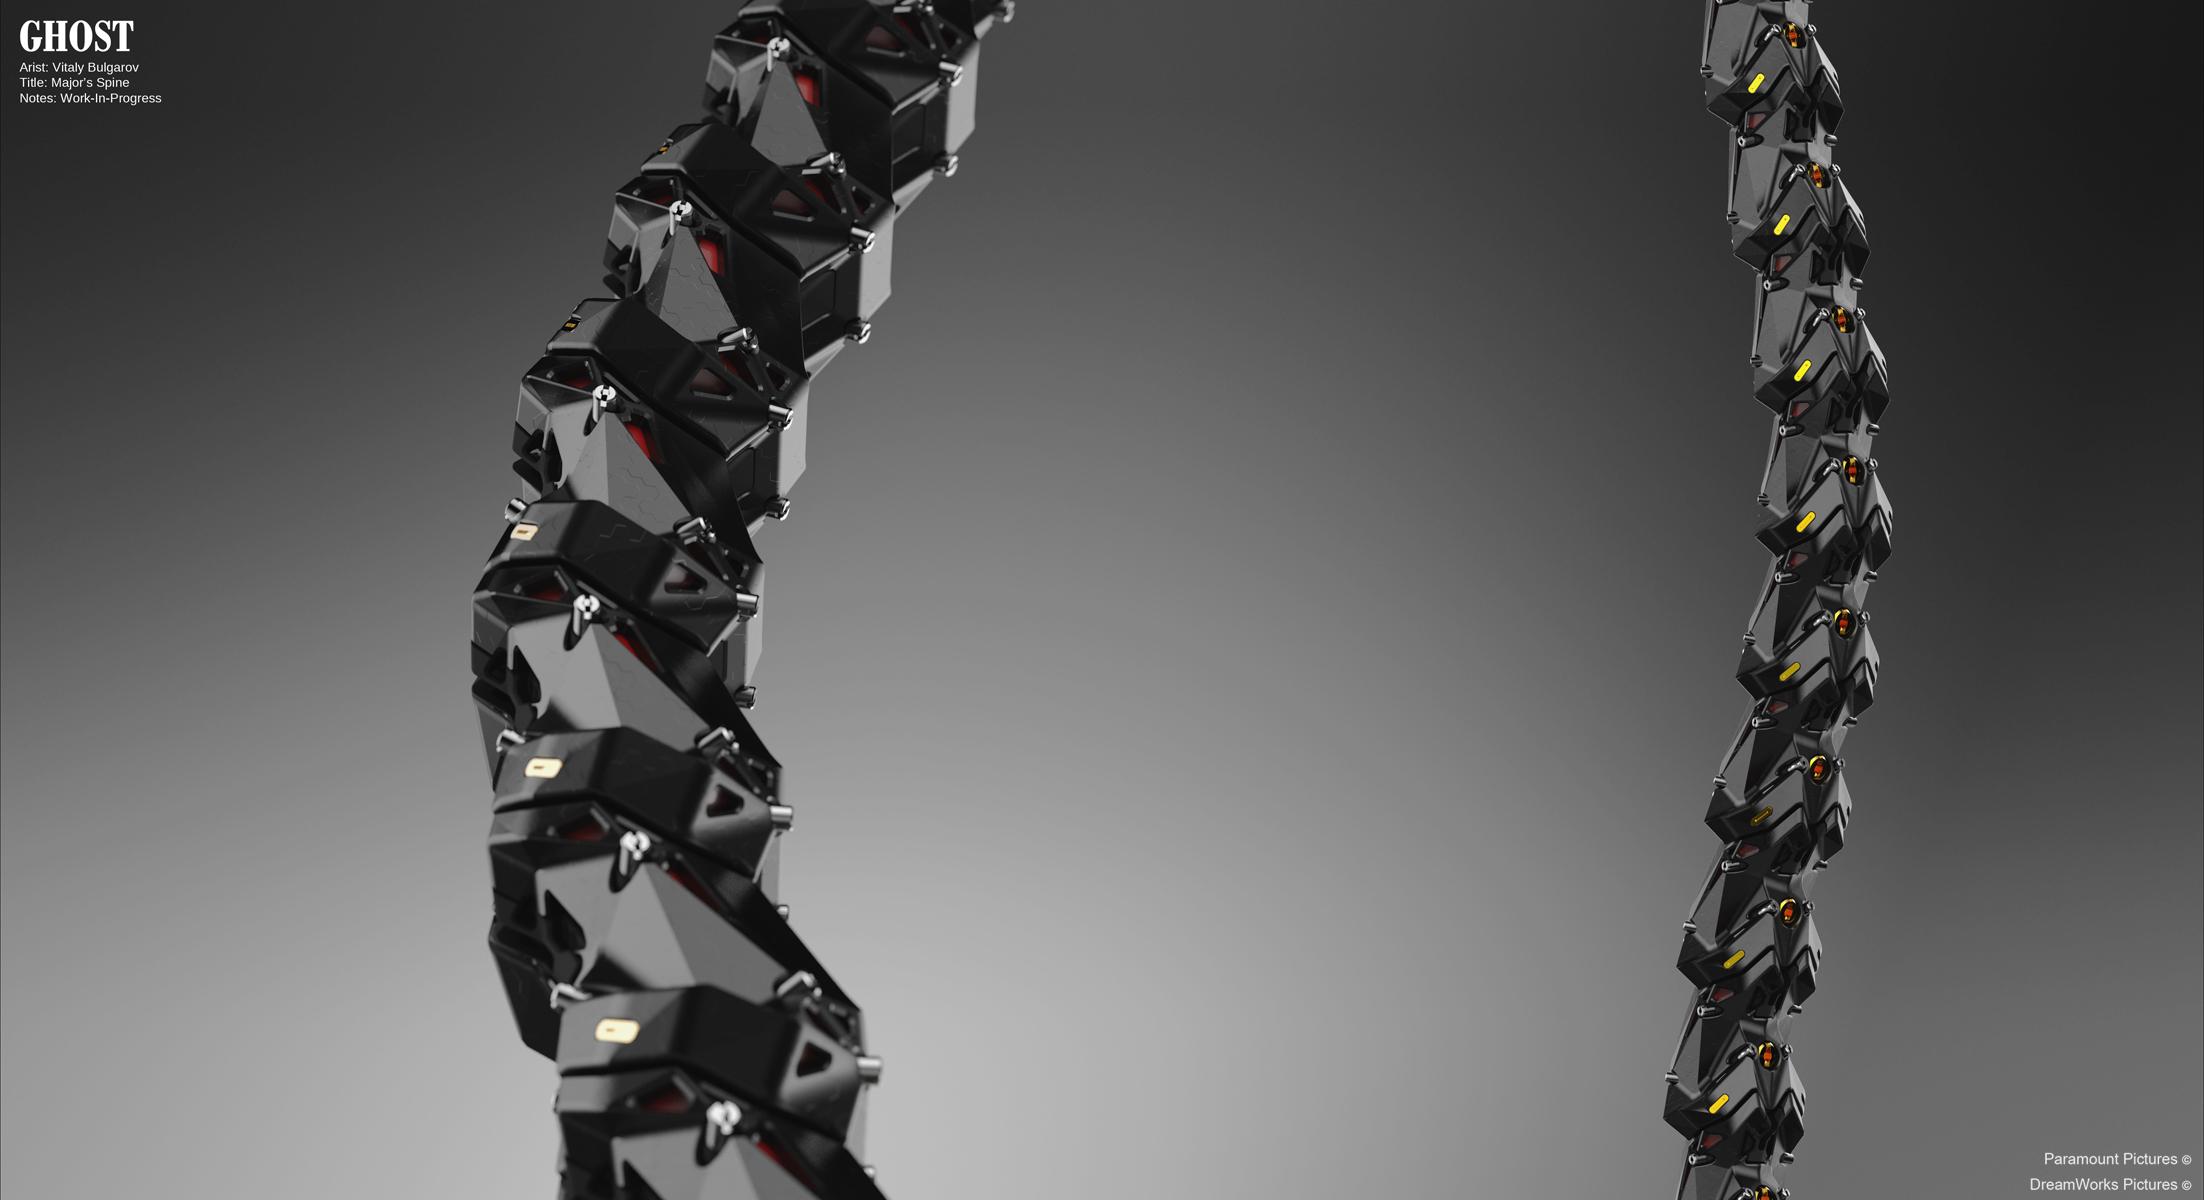 150726_CHAR_Major_VB_Spine_Work-In-Progress_01.jpg